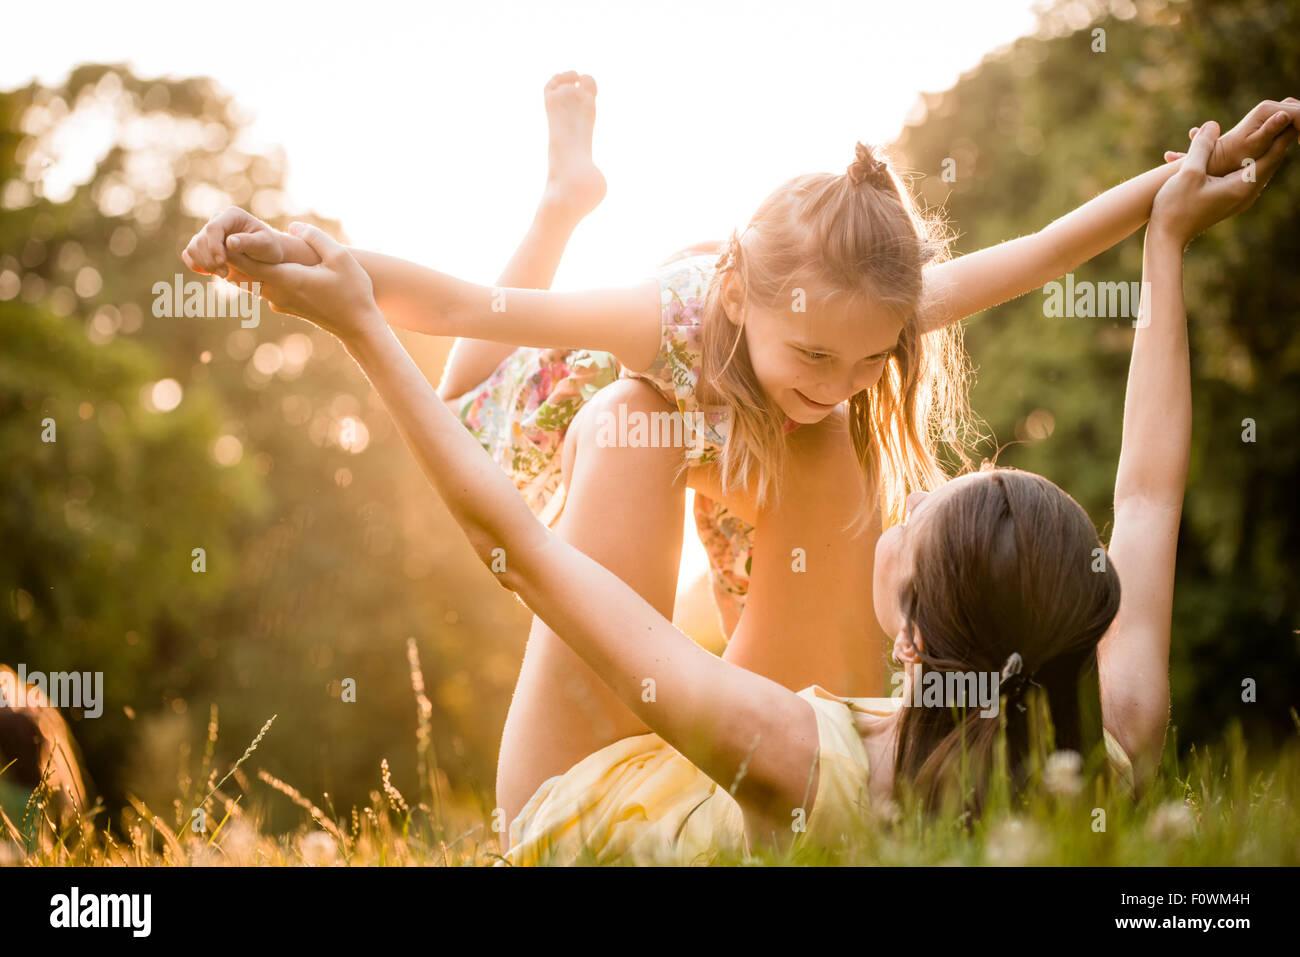 Madre recostada sobre la hierba y juega con su hija en avión Imagen De Stock